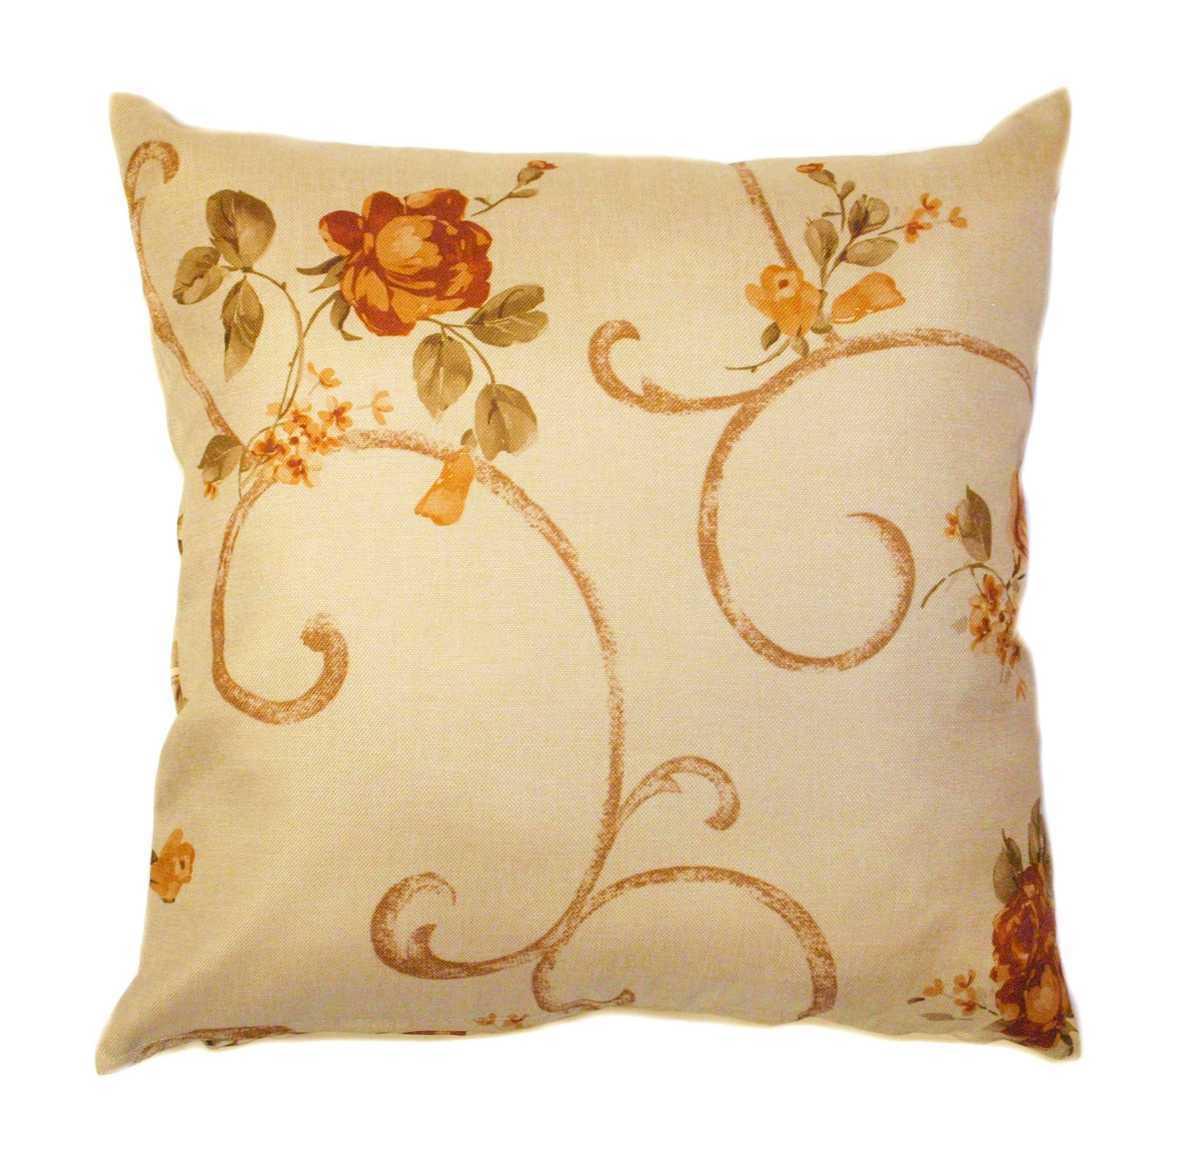 Forbyt, Návlek na polštář, OXY Vintage růže, oranžovohnědá, 45 x 45 cm